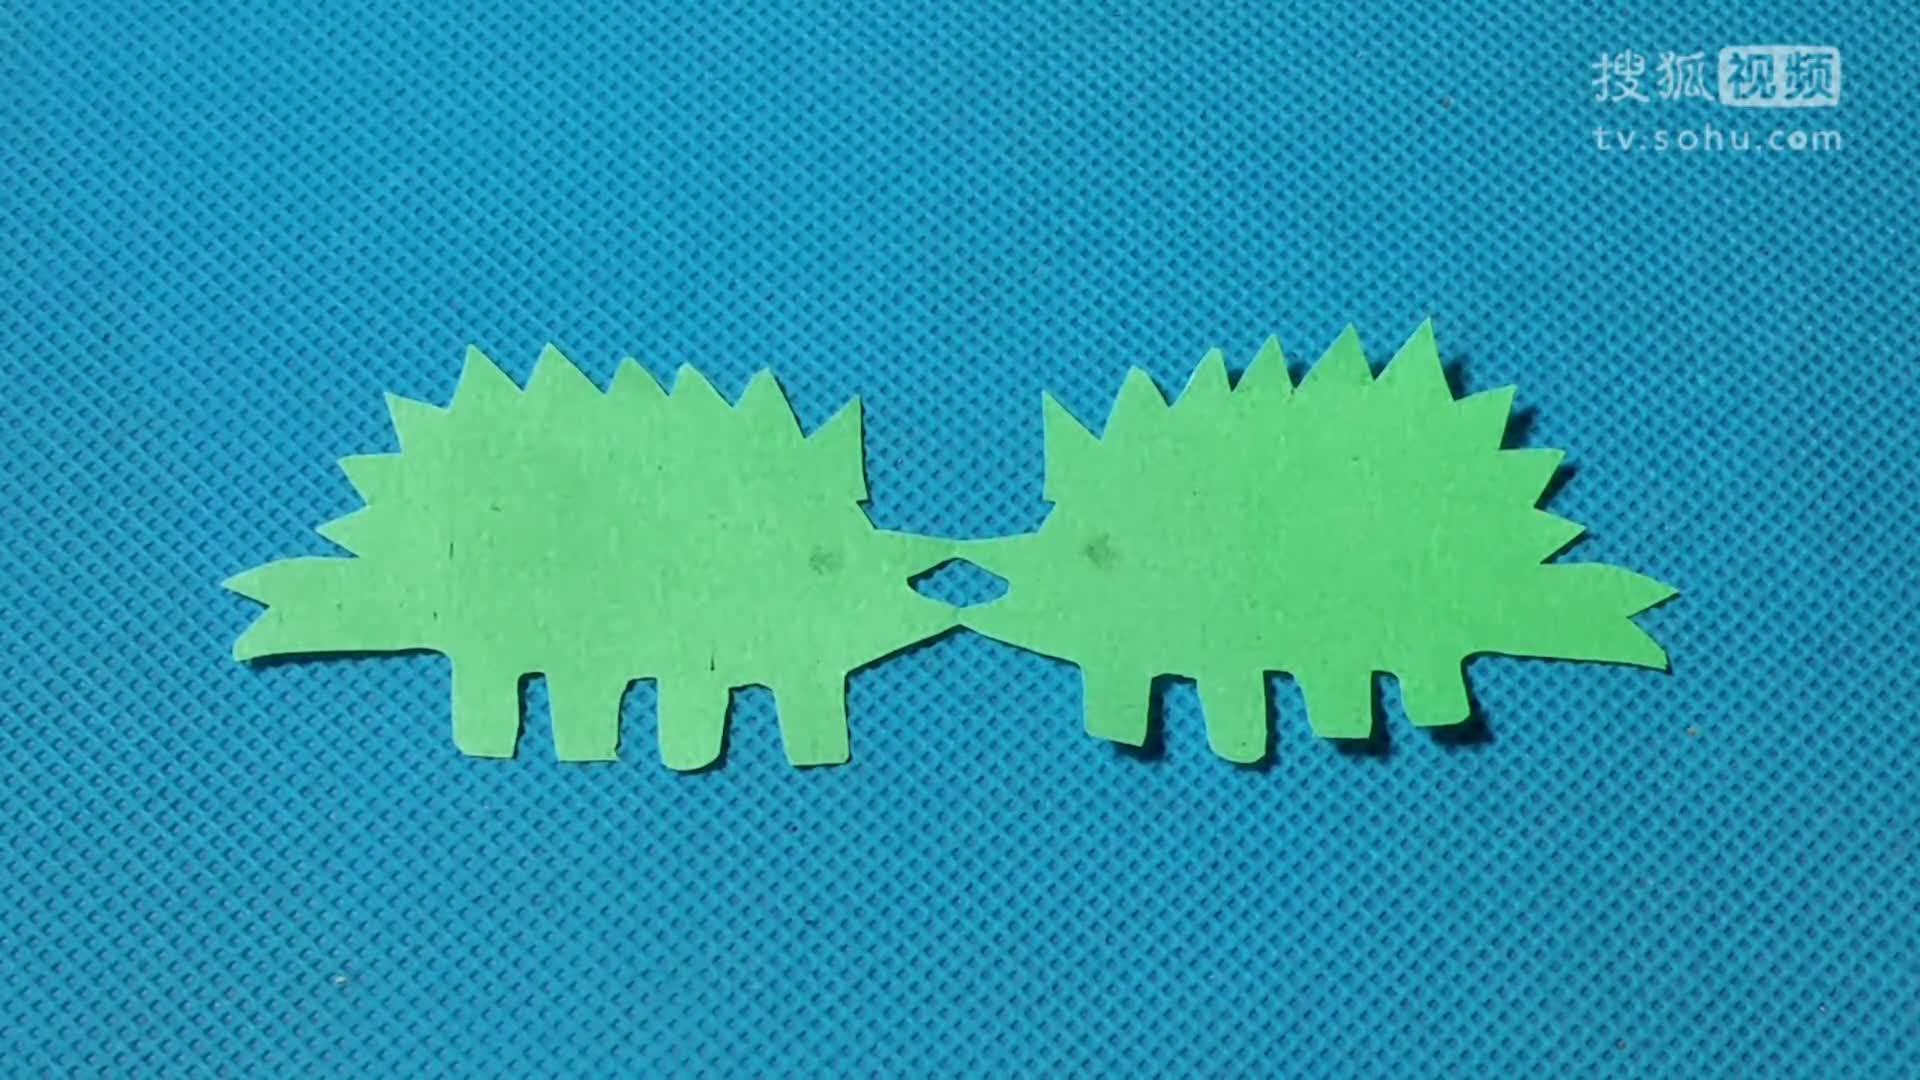 手工diy教学 剪纸恐龙剑龙 儿童剪纸教程大全 折纸王子 亲子游戏